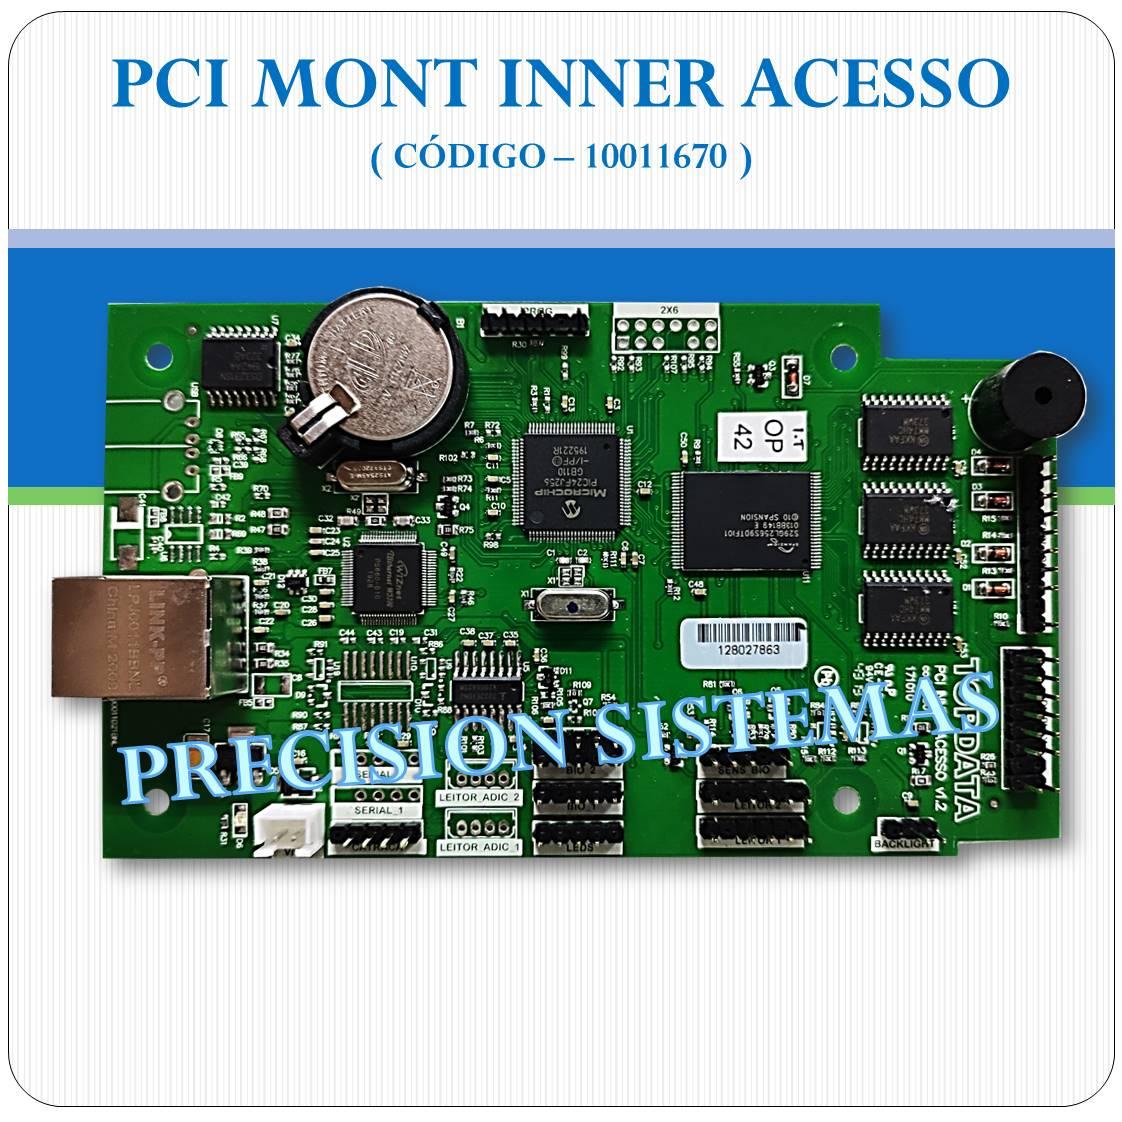 Placa PCI Inner Acesso - Topdata